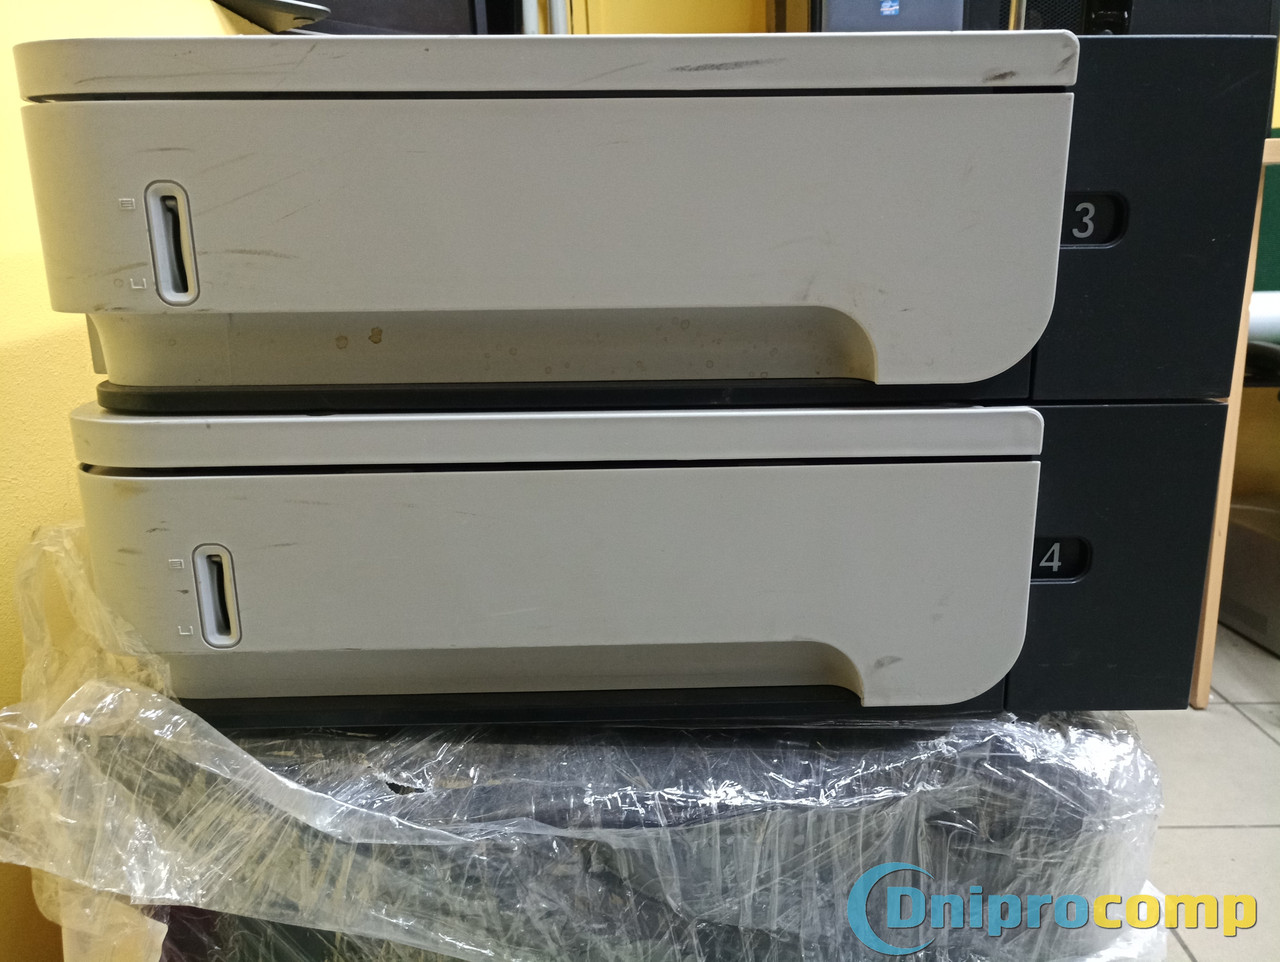 Дополнительные лотки для принтера HP LaserJet 600 M602dn